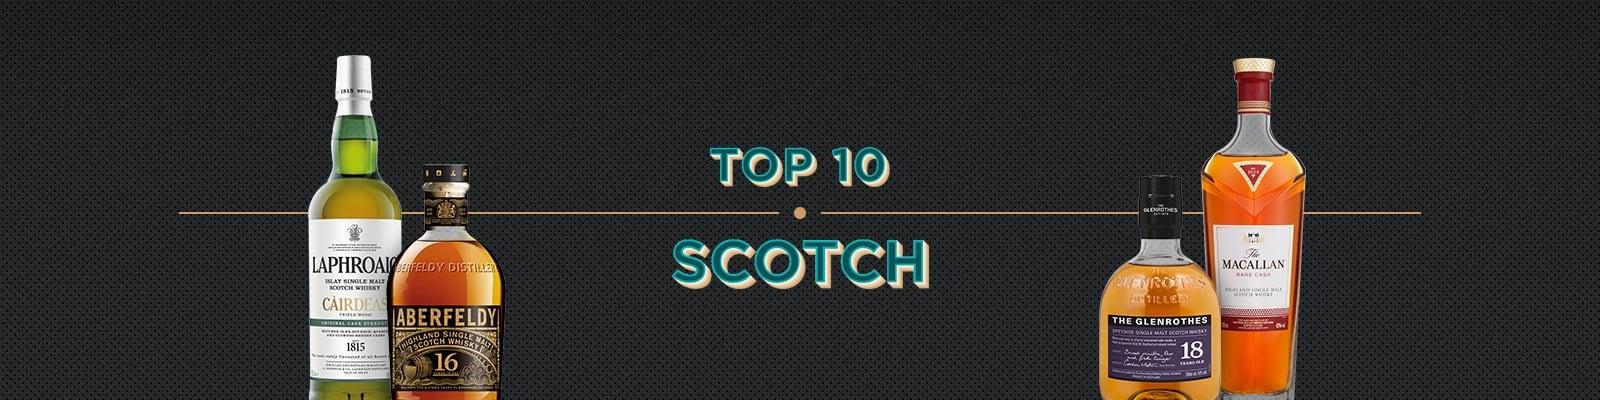 Top 10 Scotch